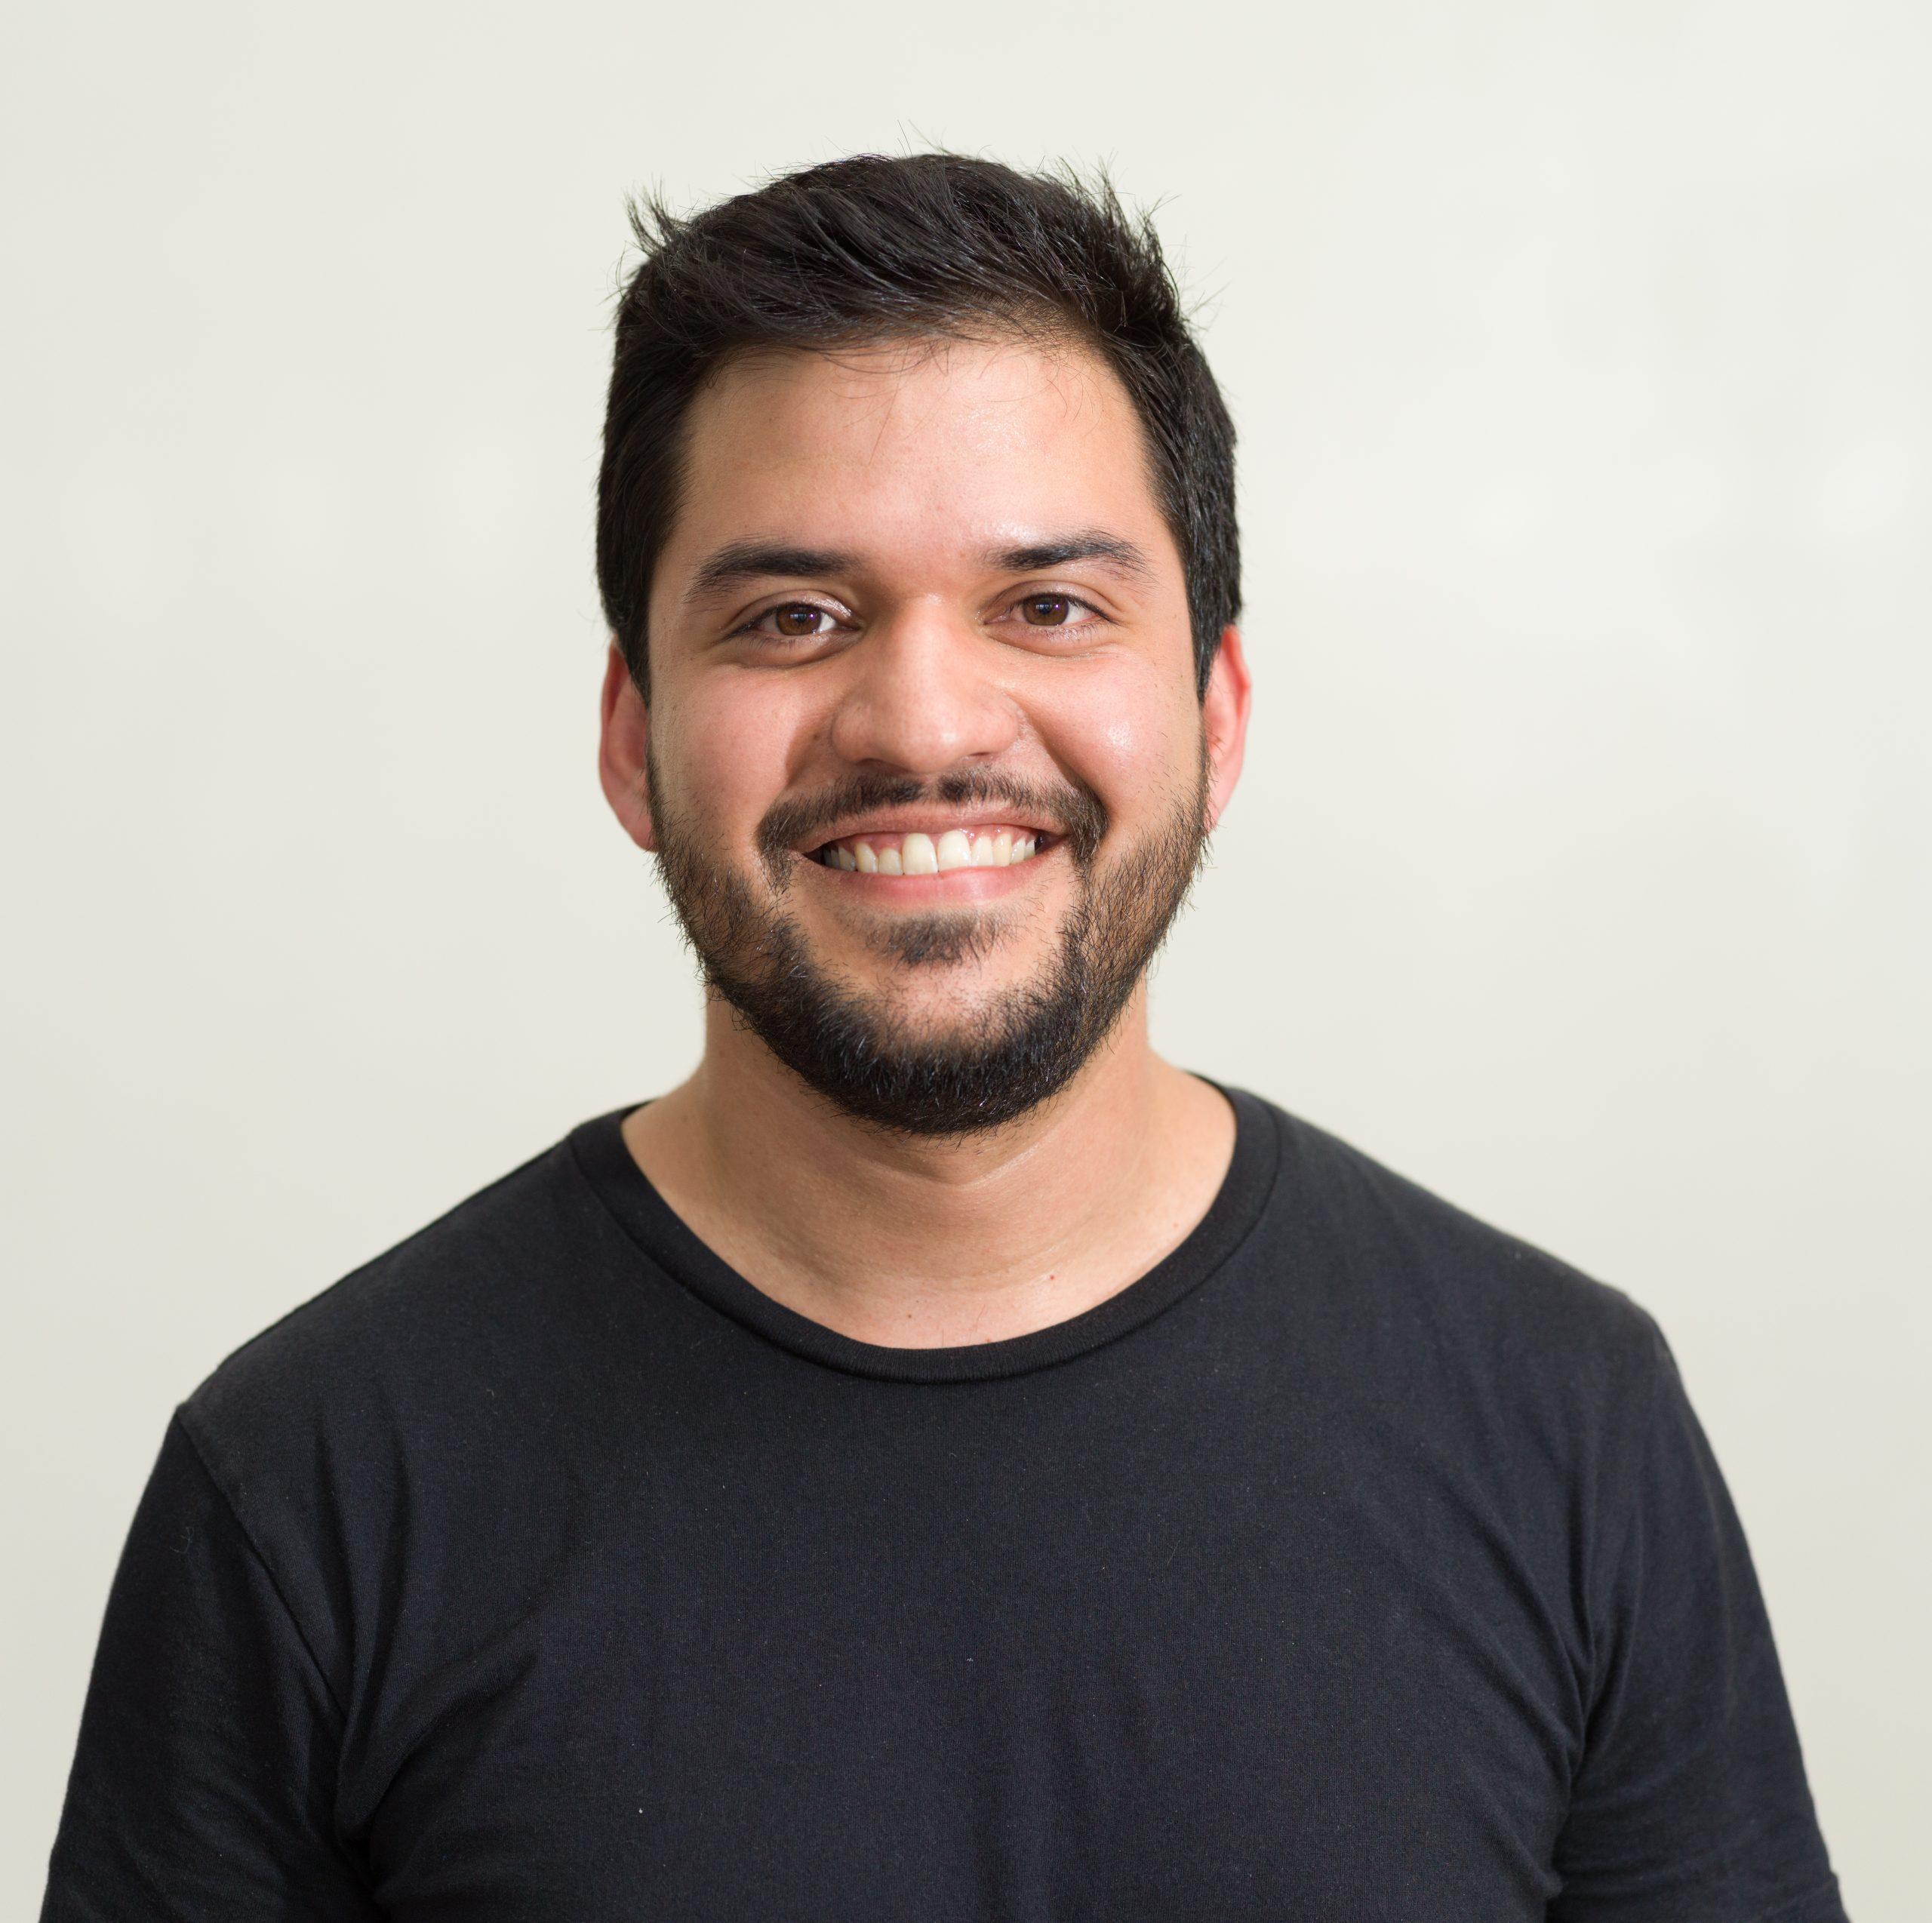 Gustavo Reyes